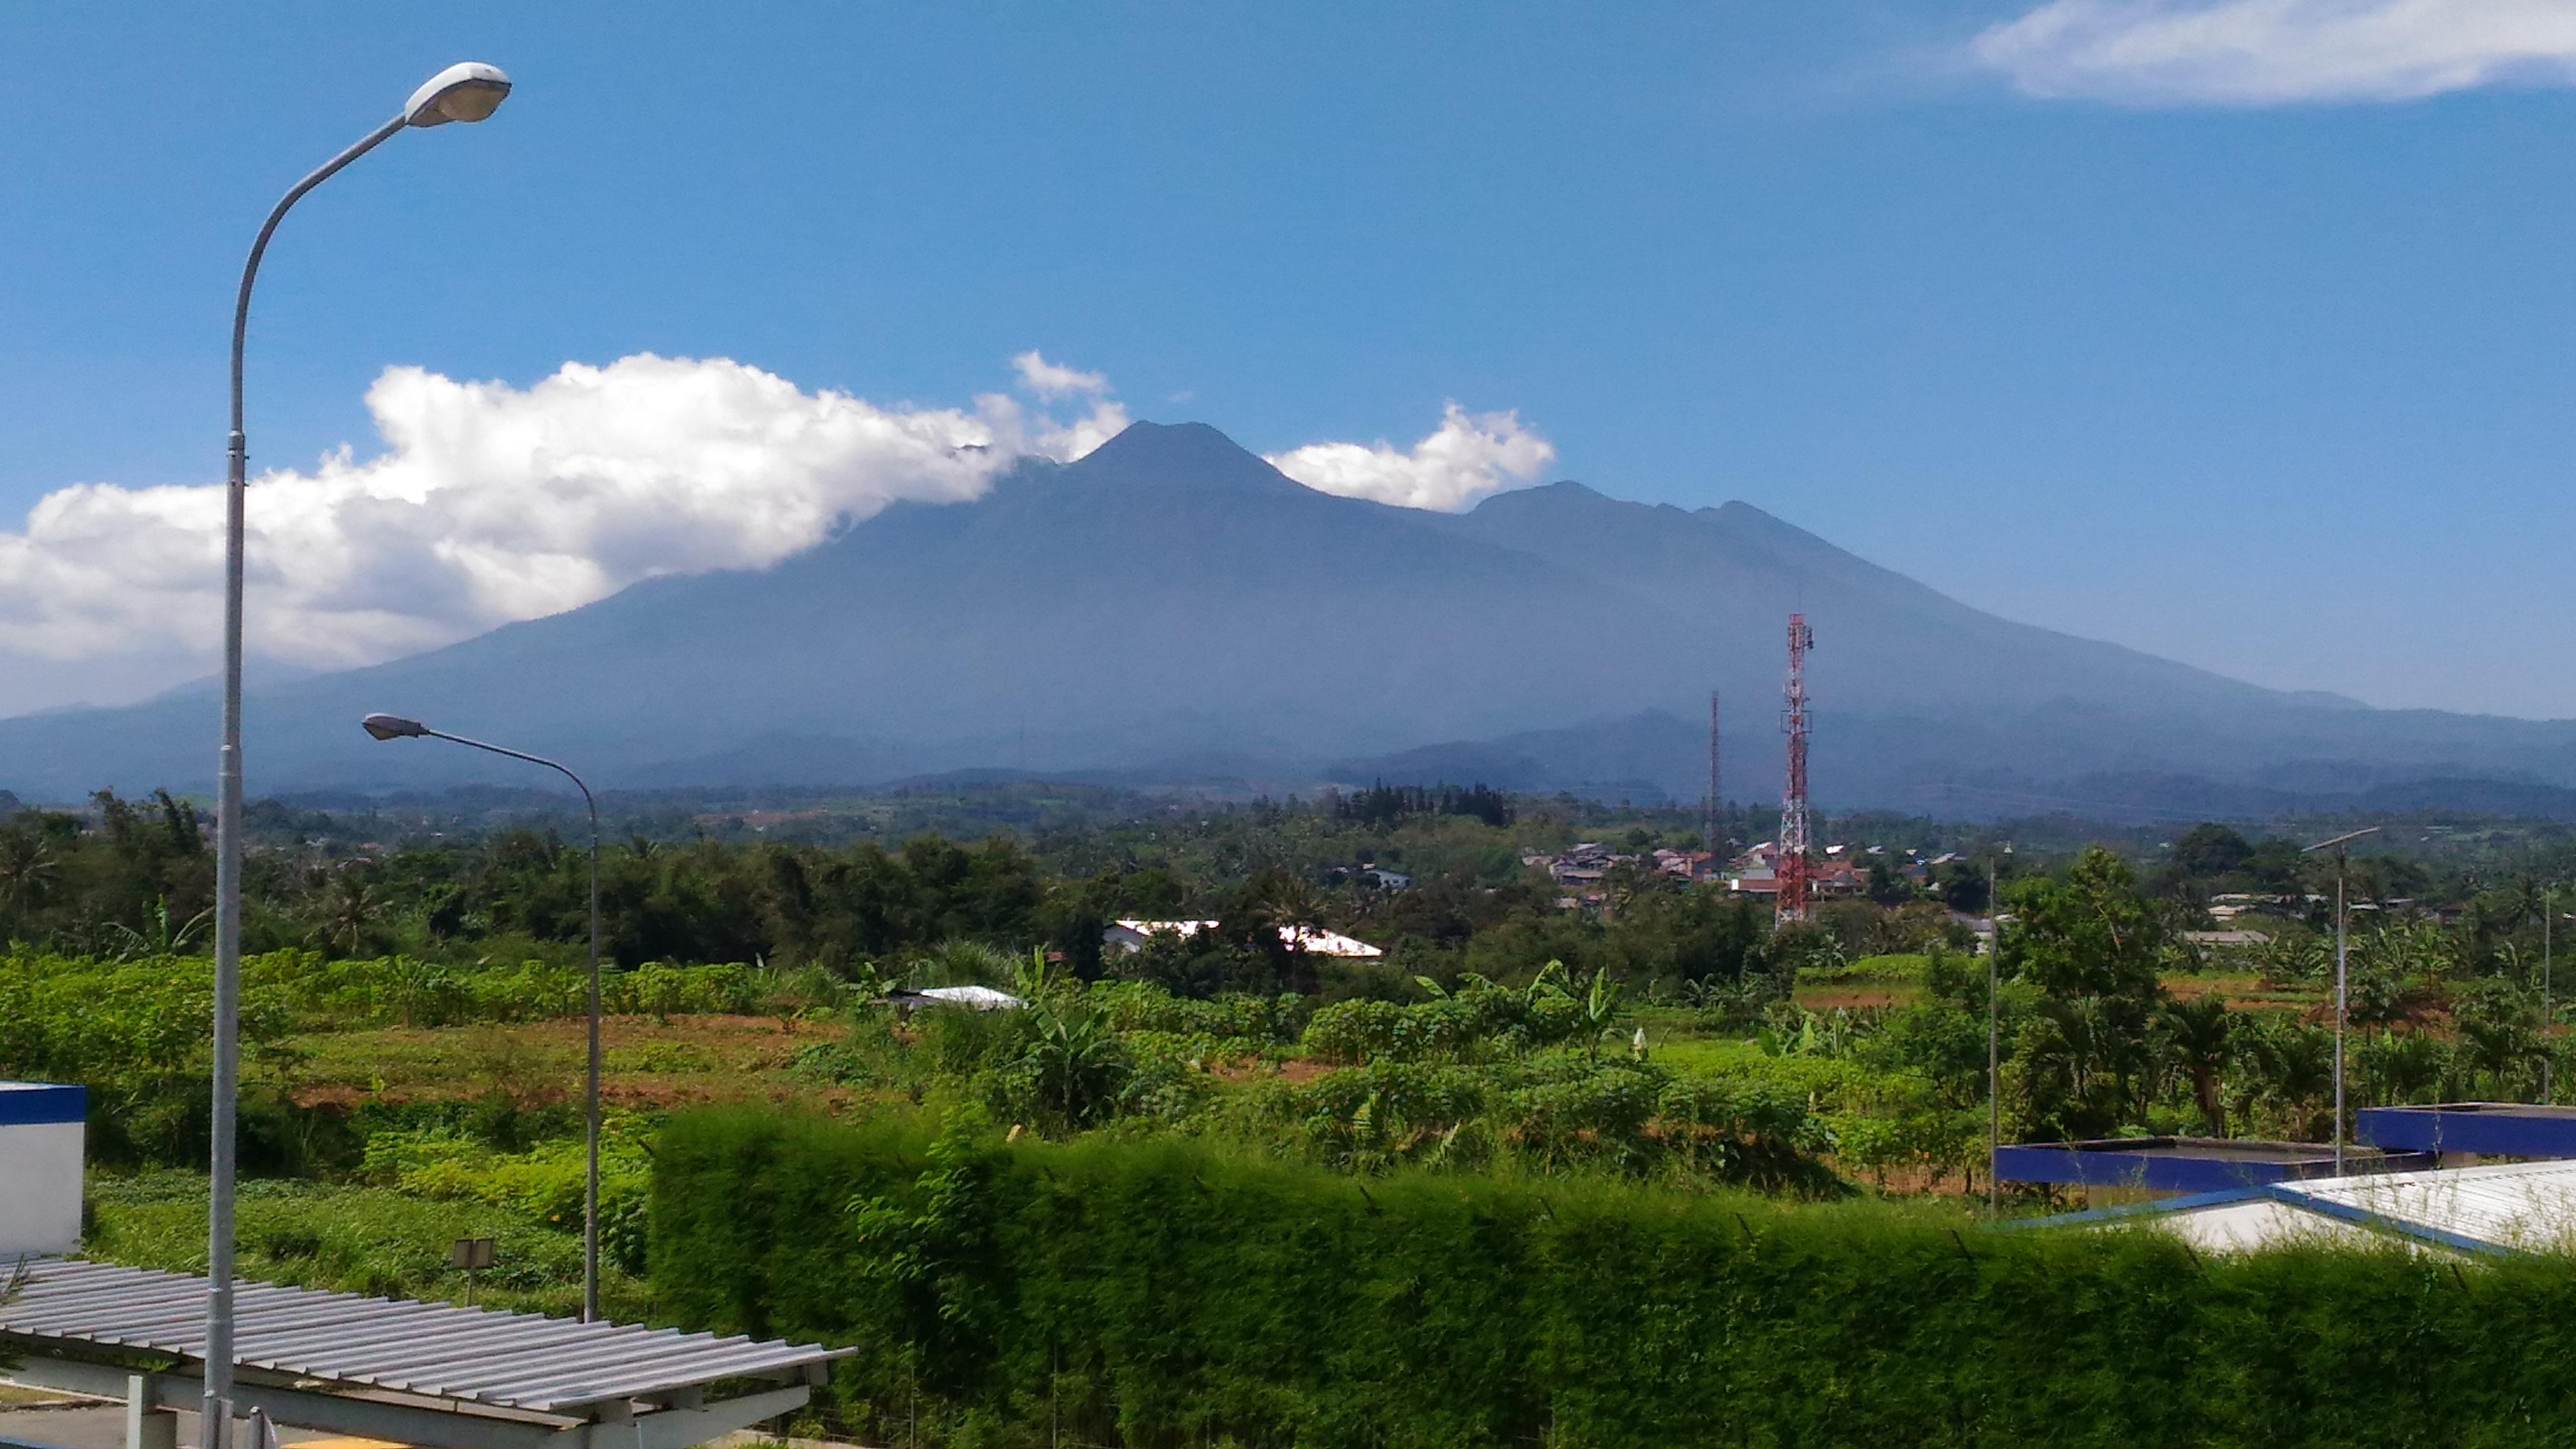 Gunung Gede Wikipedia Bahasa Indonesia Ensiklopedia Bebas